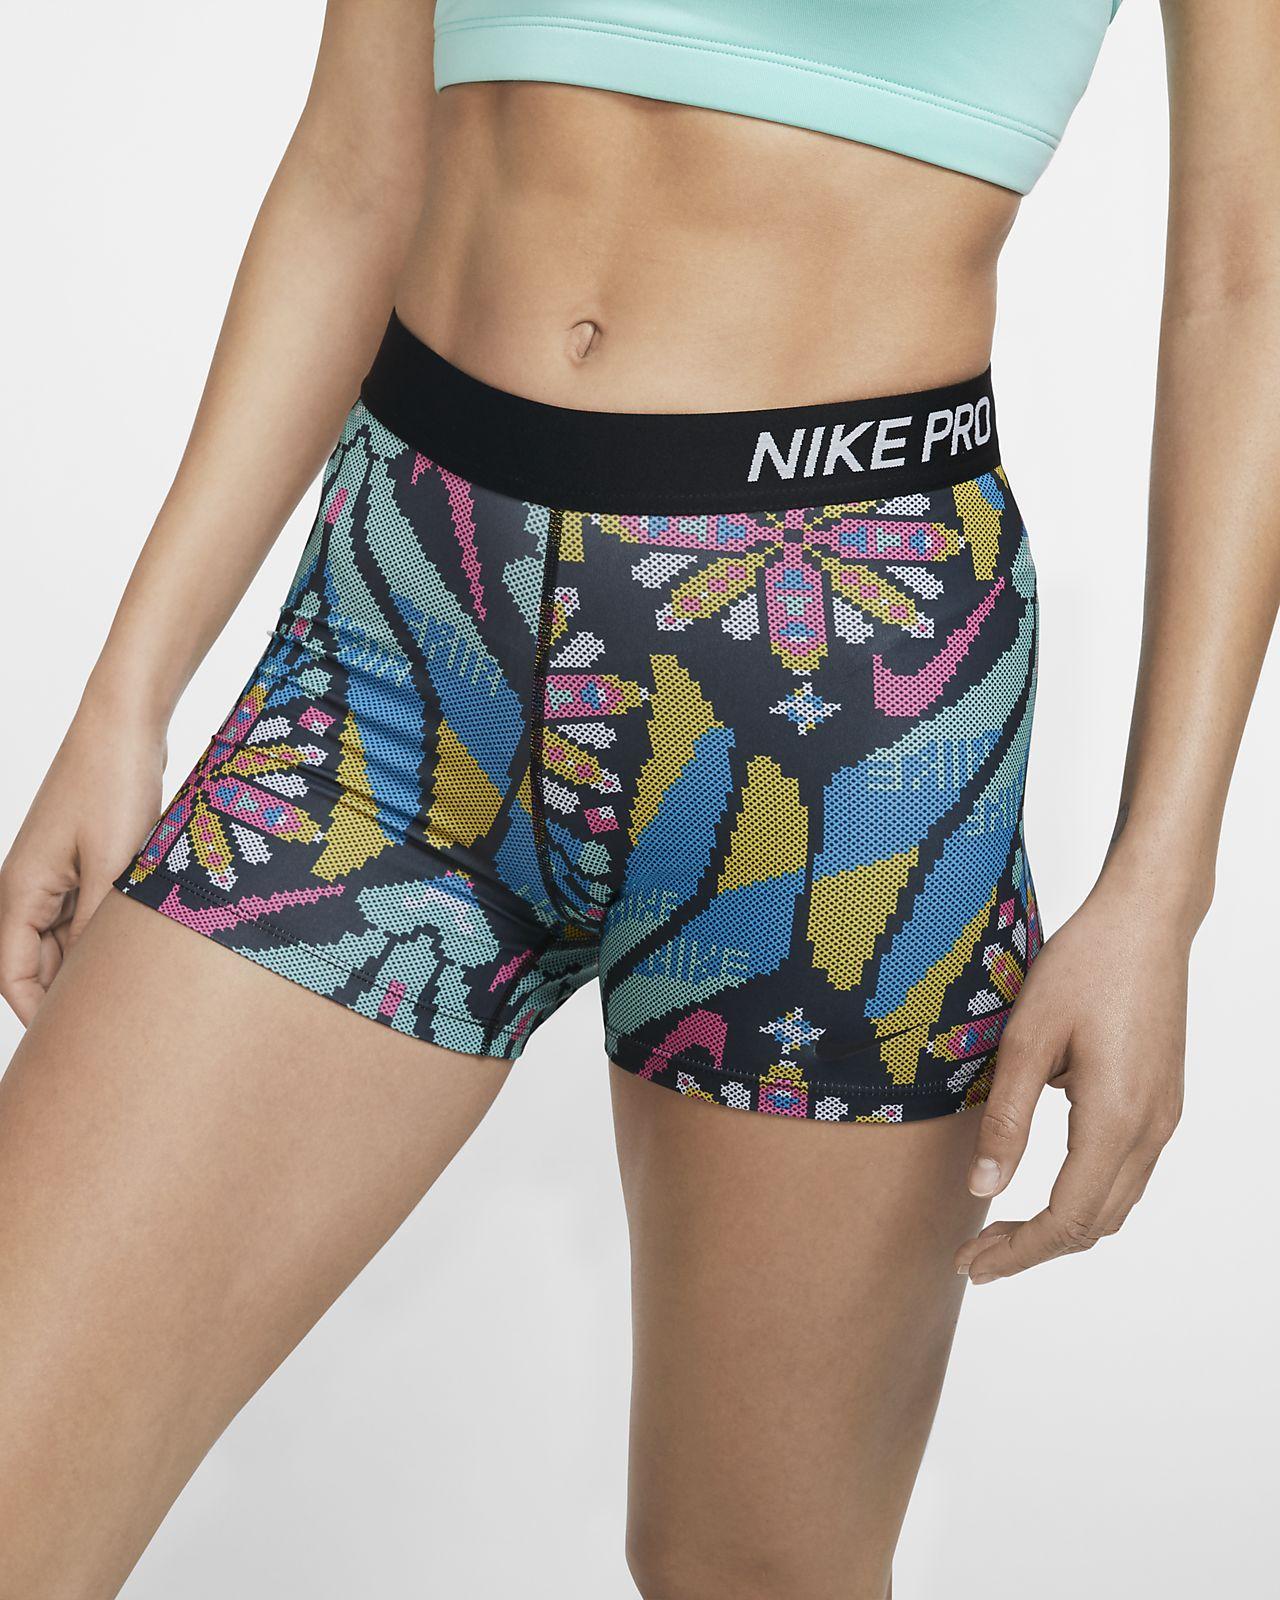 Γυναικείο εμπριμέ σορτς Nike Pro 8 cm